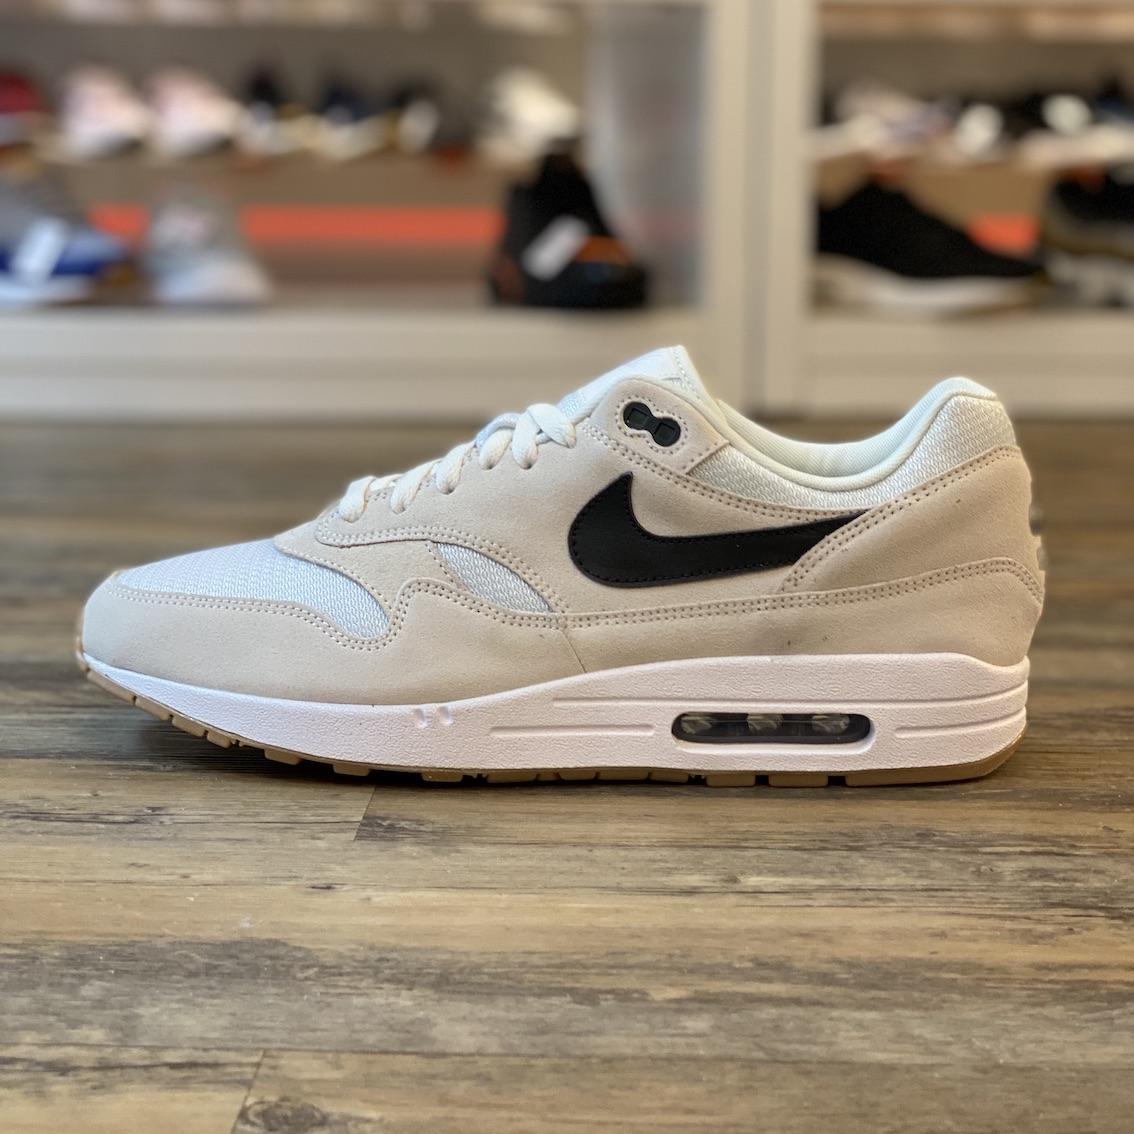 Dettagli su NIKE Air Max 1 Essential ID TG. 45,5 Sneaker Scarpe Beige bq8748 992 Classic retr mostra il titolo originale